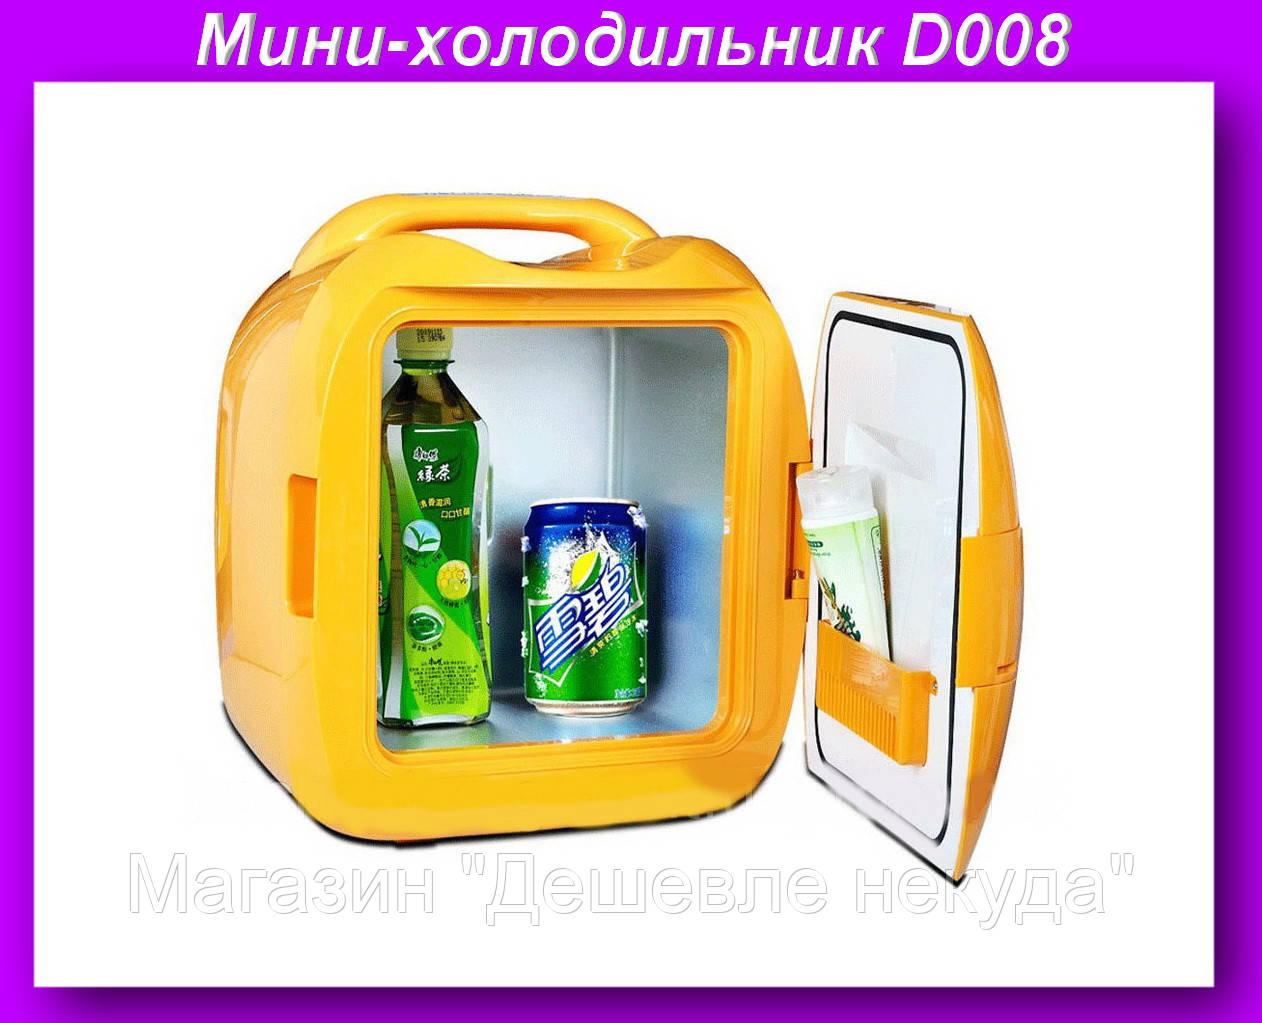 """Мини-холодильник Cong Bao D008,Переносной миниатюрный автомобильный холодильник - Магазин """"Дешевле некуда"""" в Одессе"""